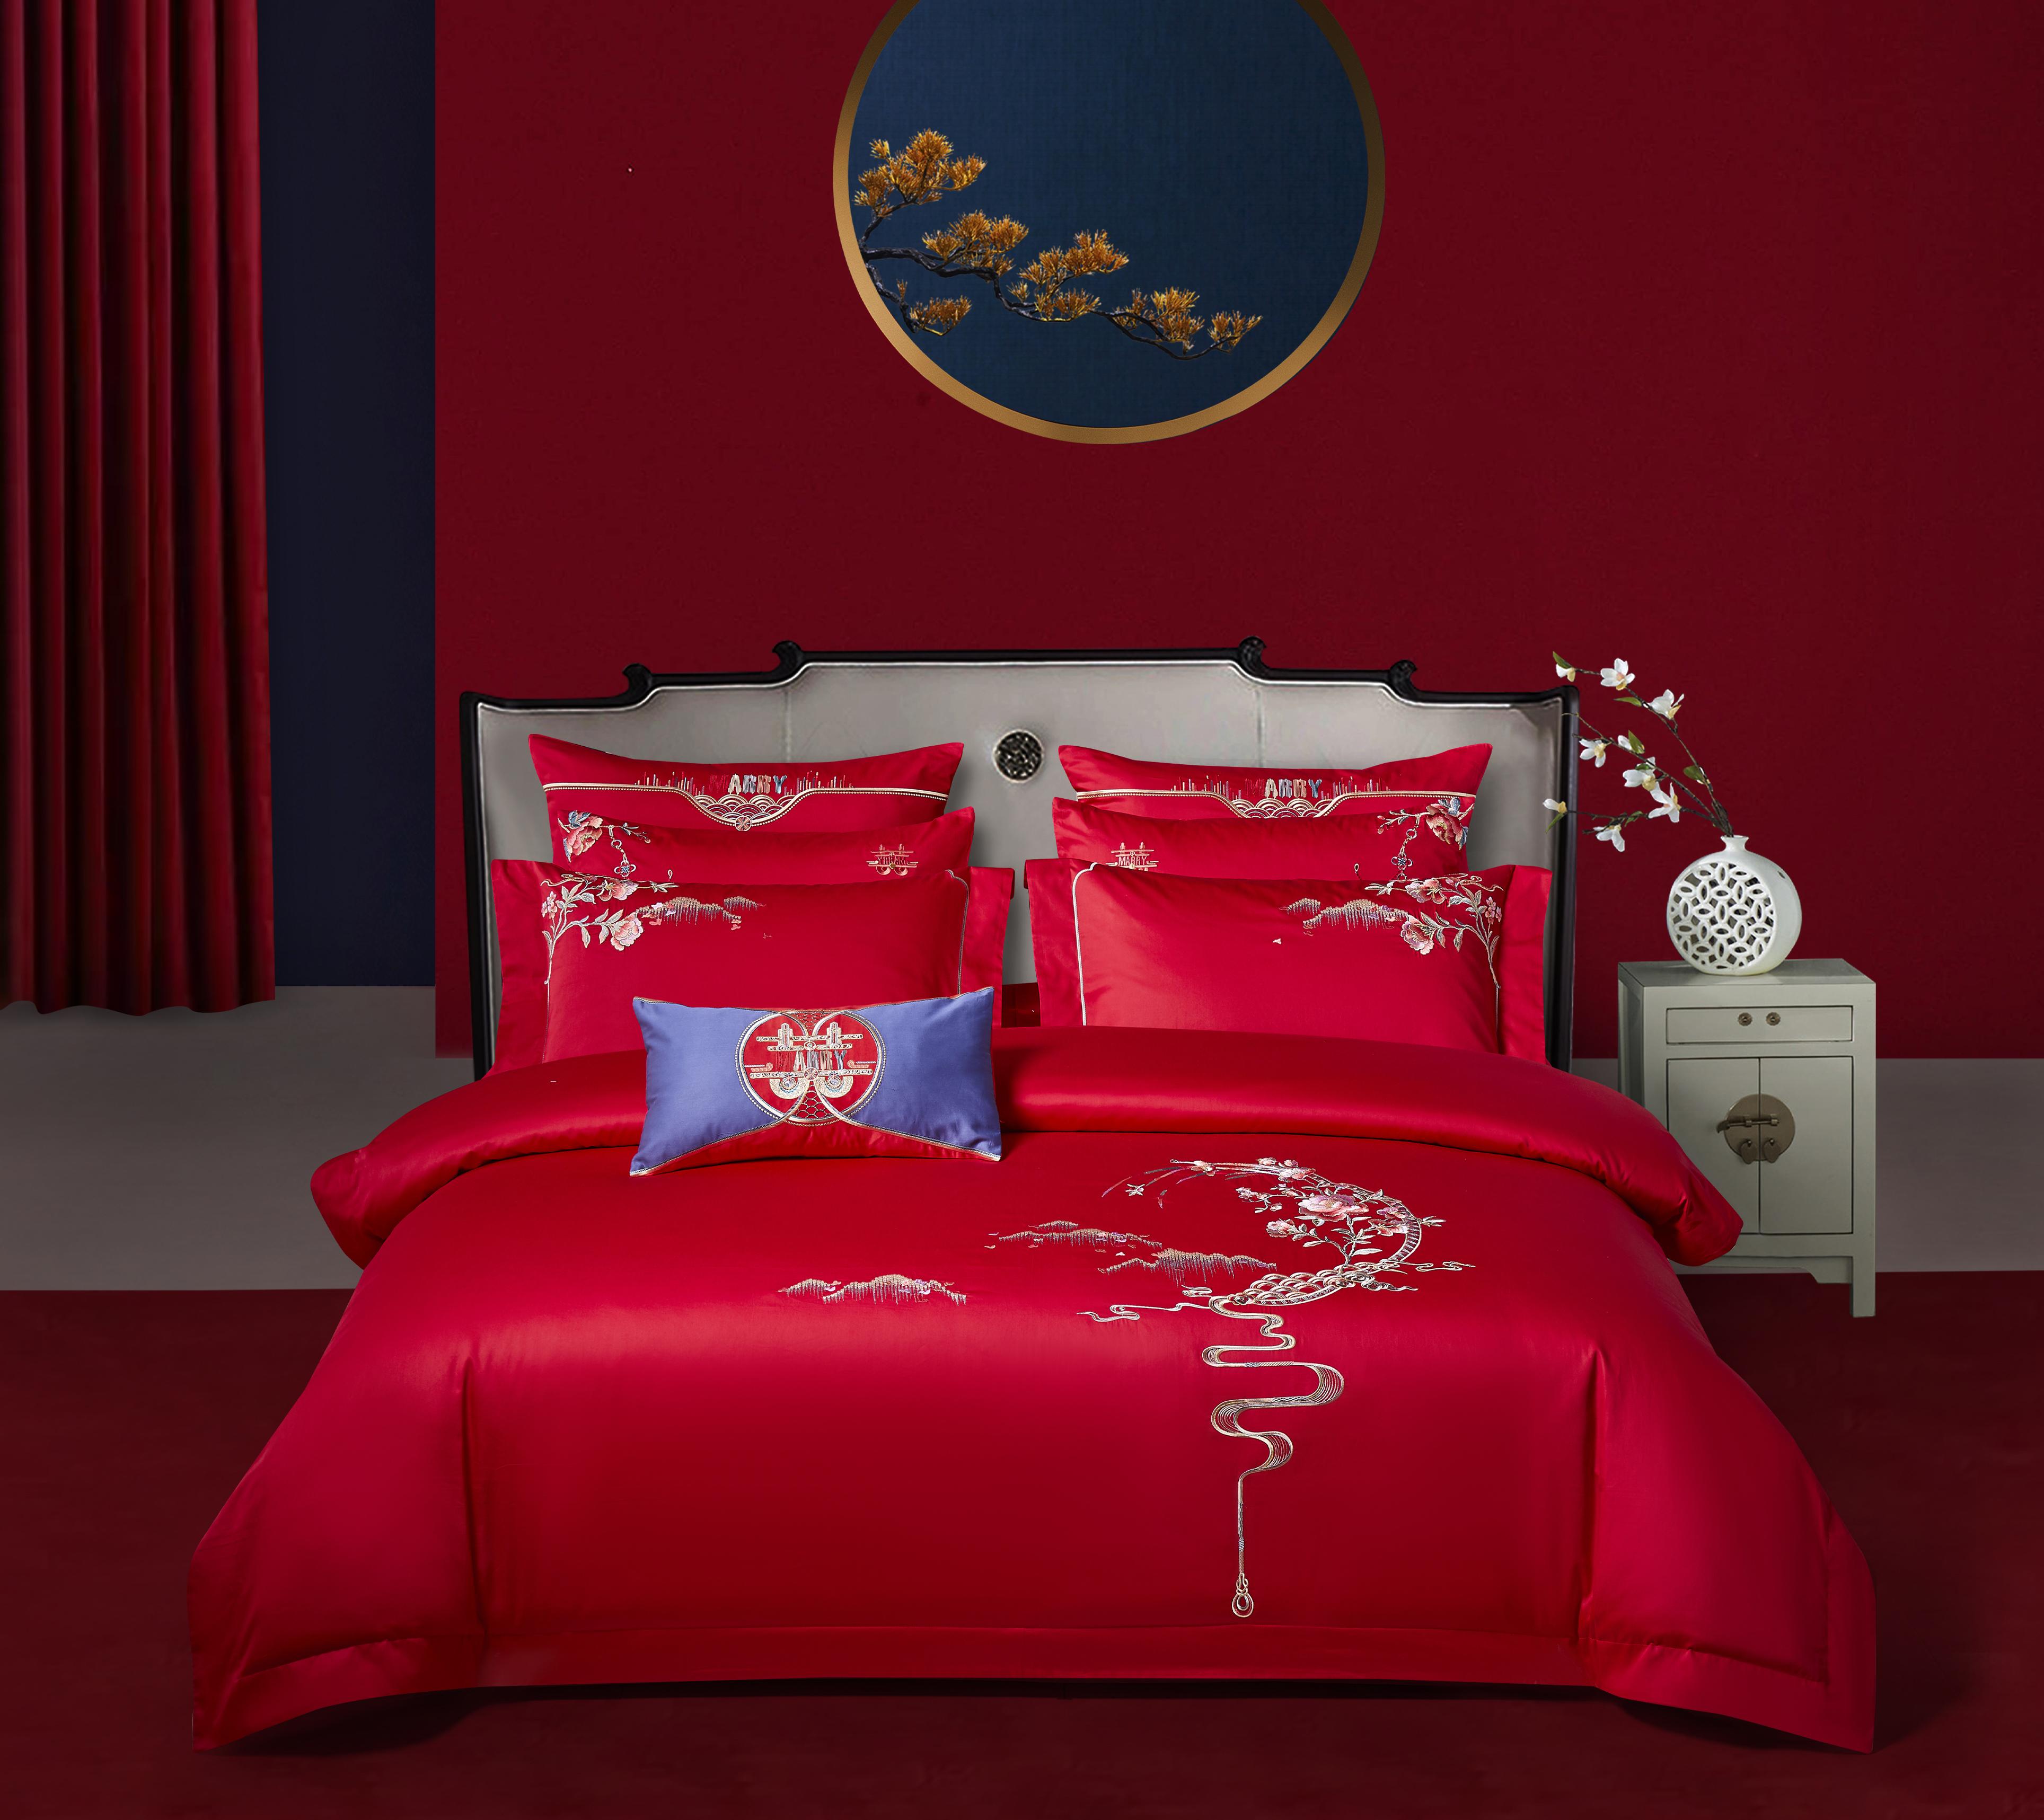 長絨棉素繡床蓋五件套-錦繡榮華